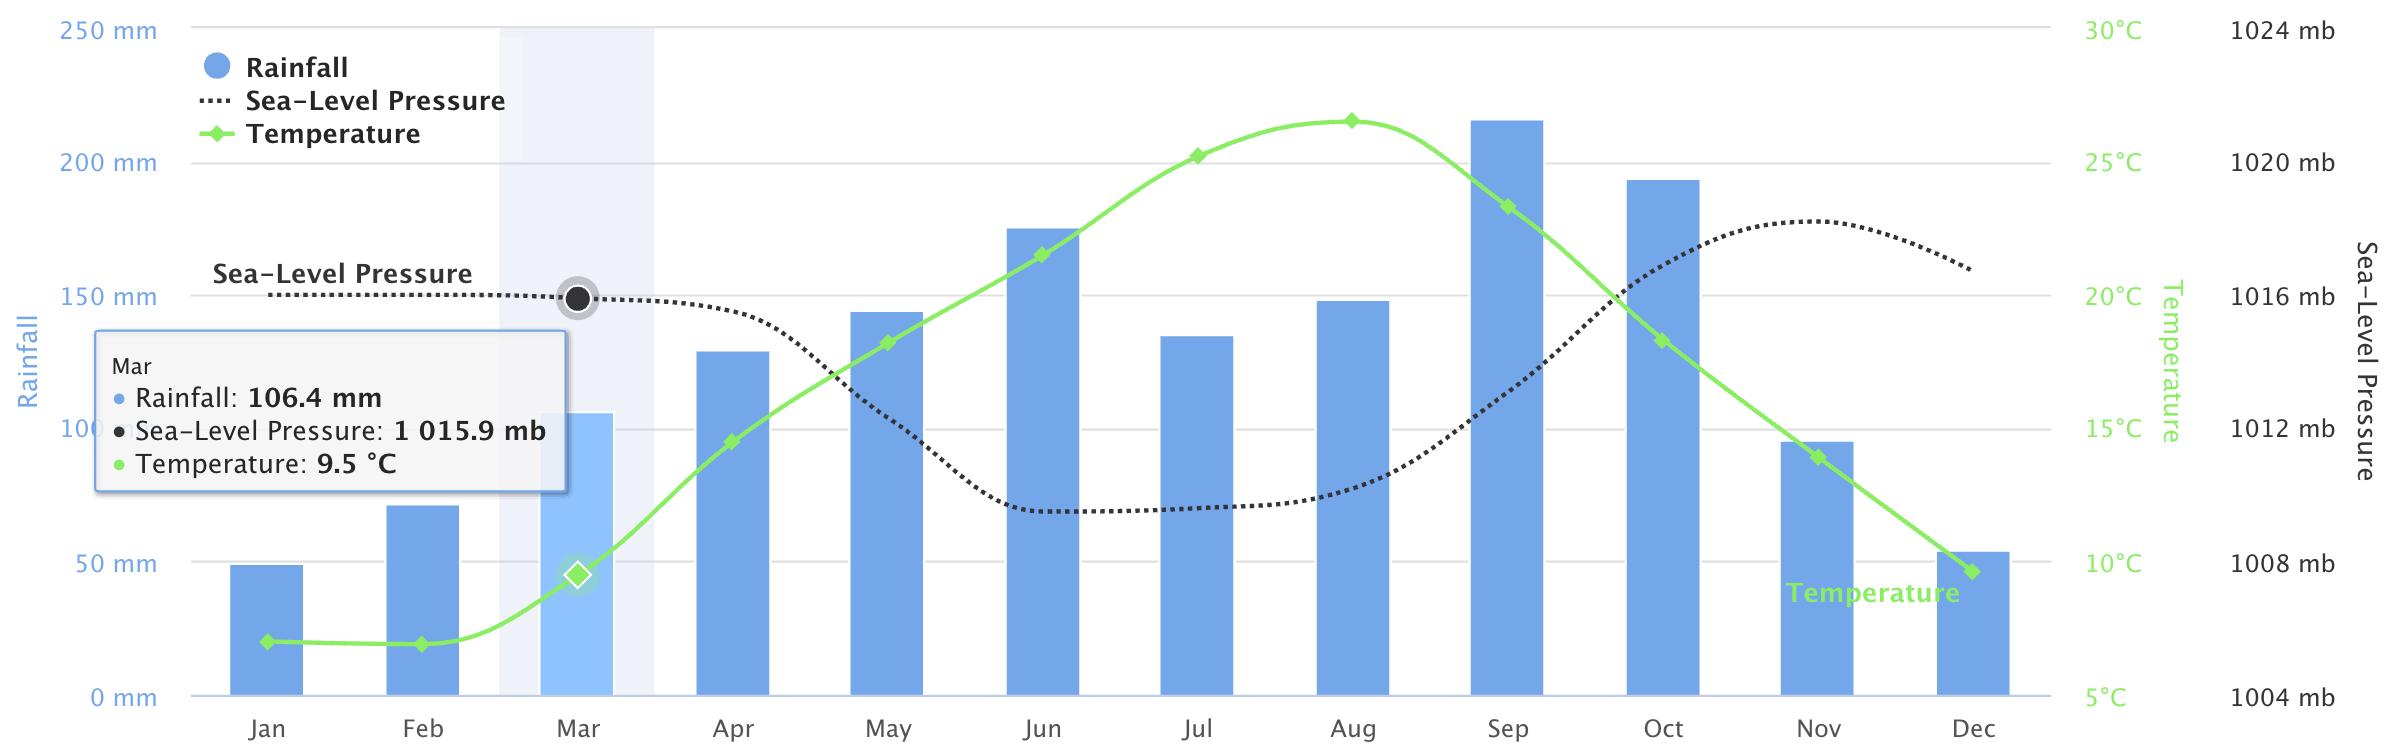 biểu đồ giám sát thời gian thực